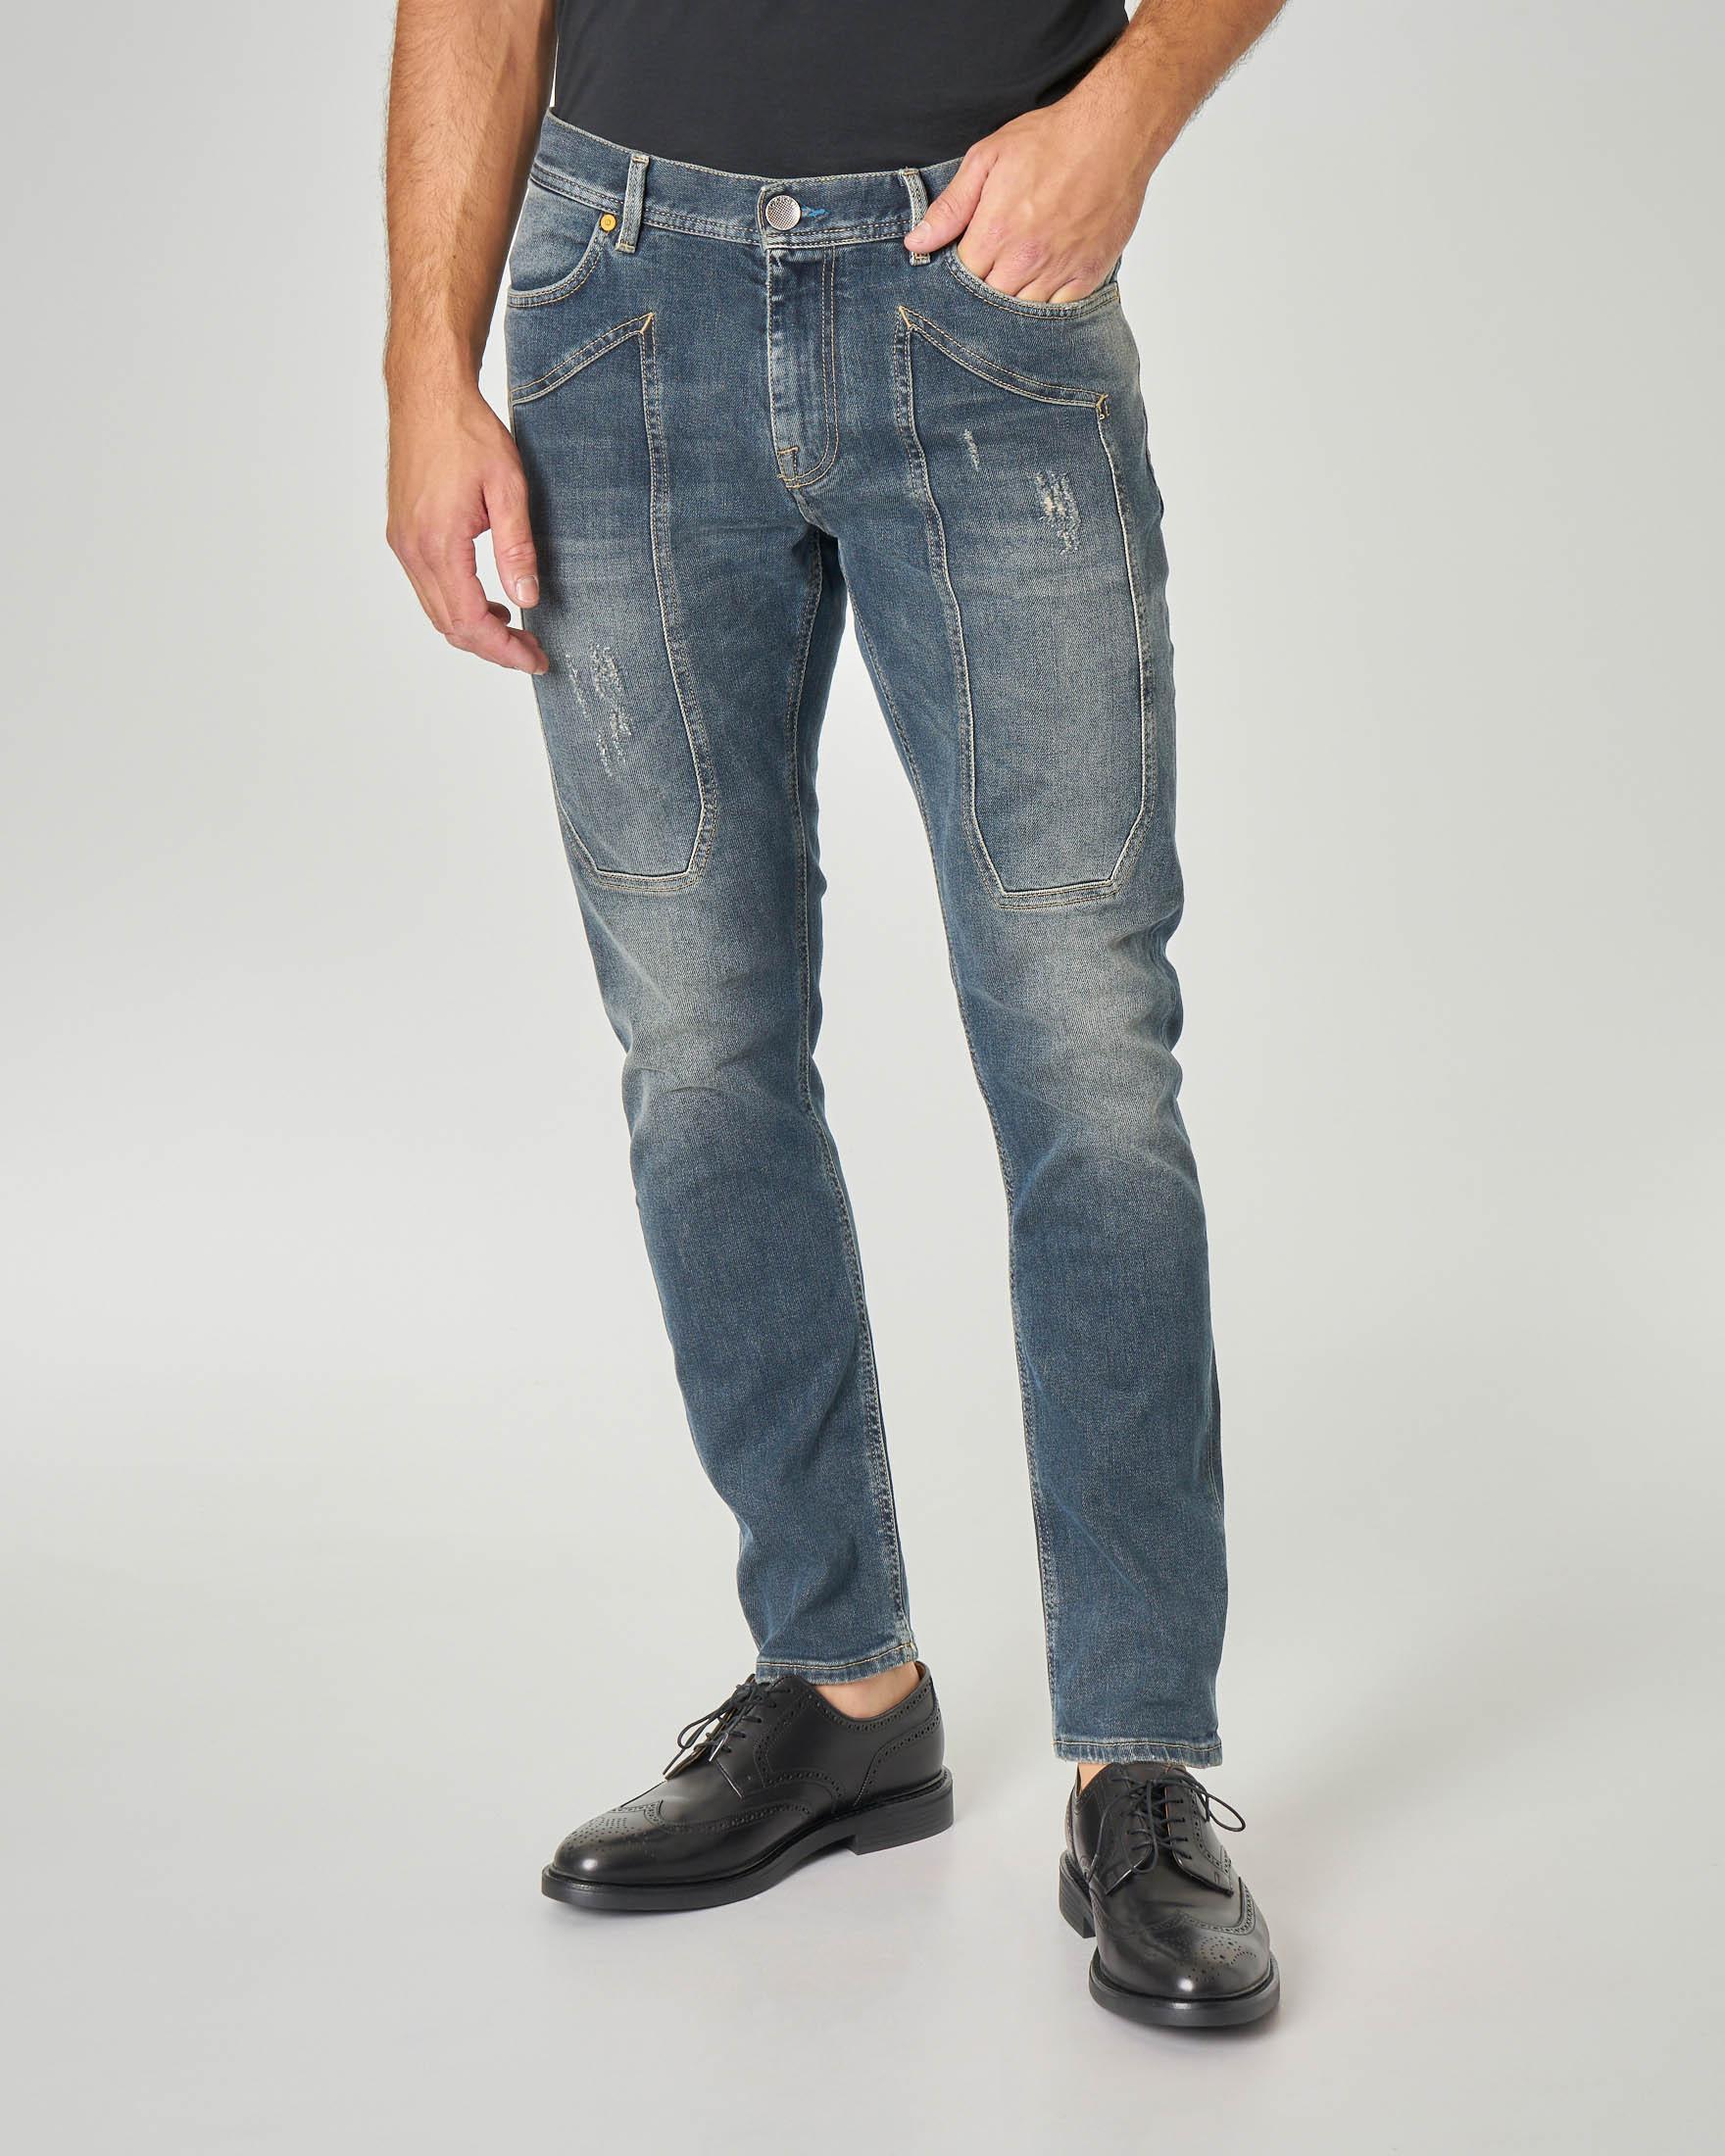 Jeans PA014 tapered con toppa lavaggio sabbiato con abrasioni